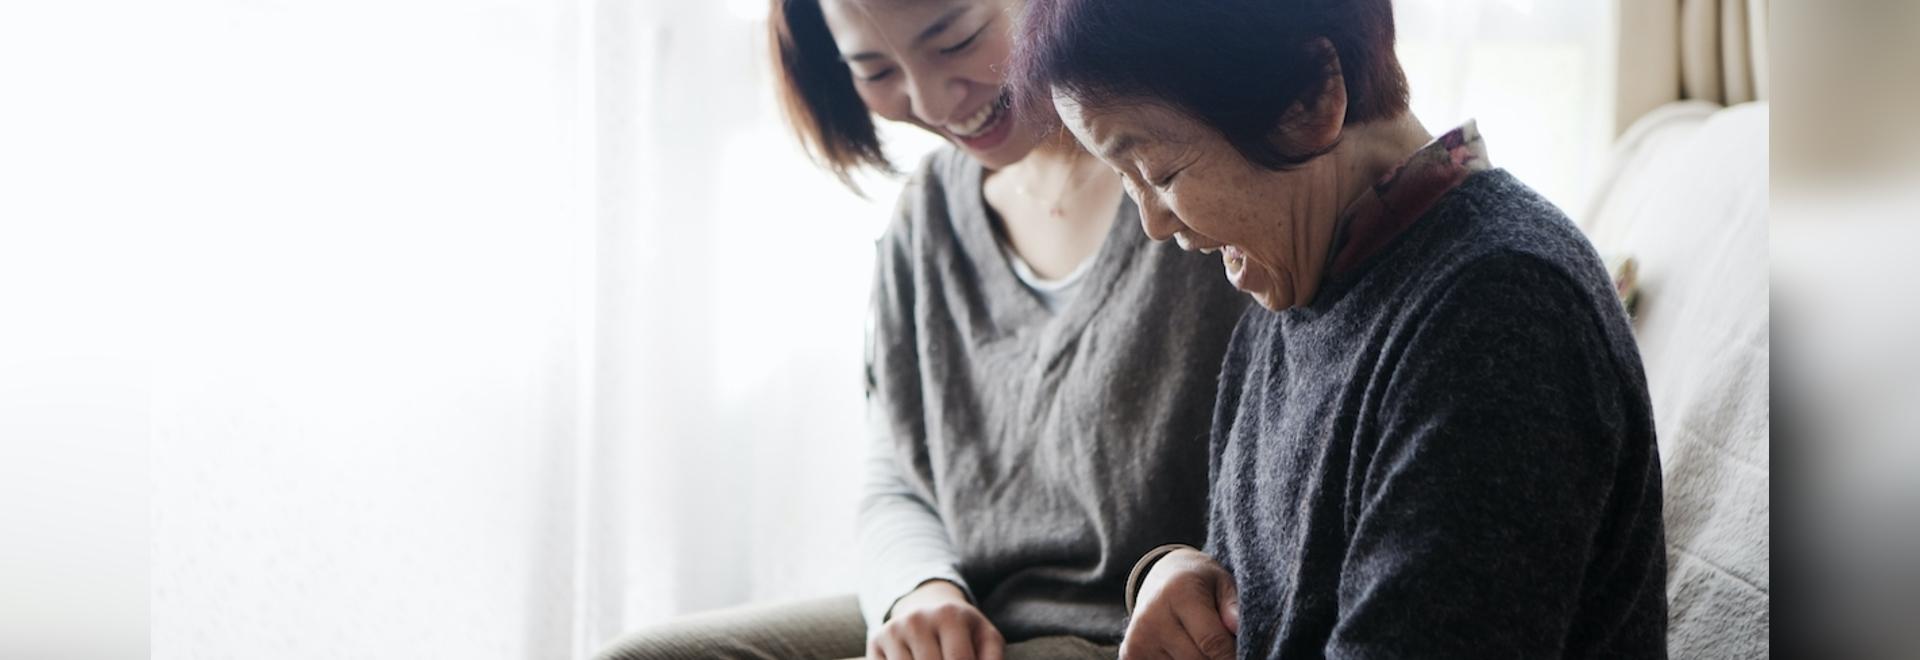 Progettare una migliore tecnologia per gli anziani significa semplificare la tecnologia per tutti